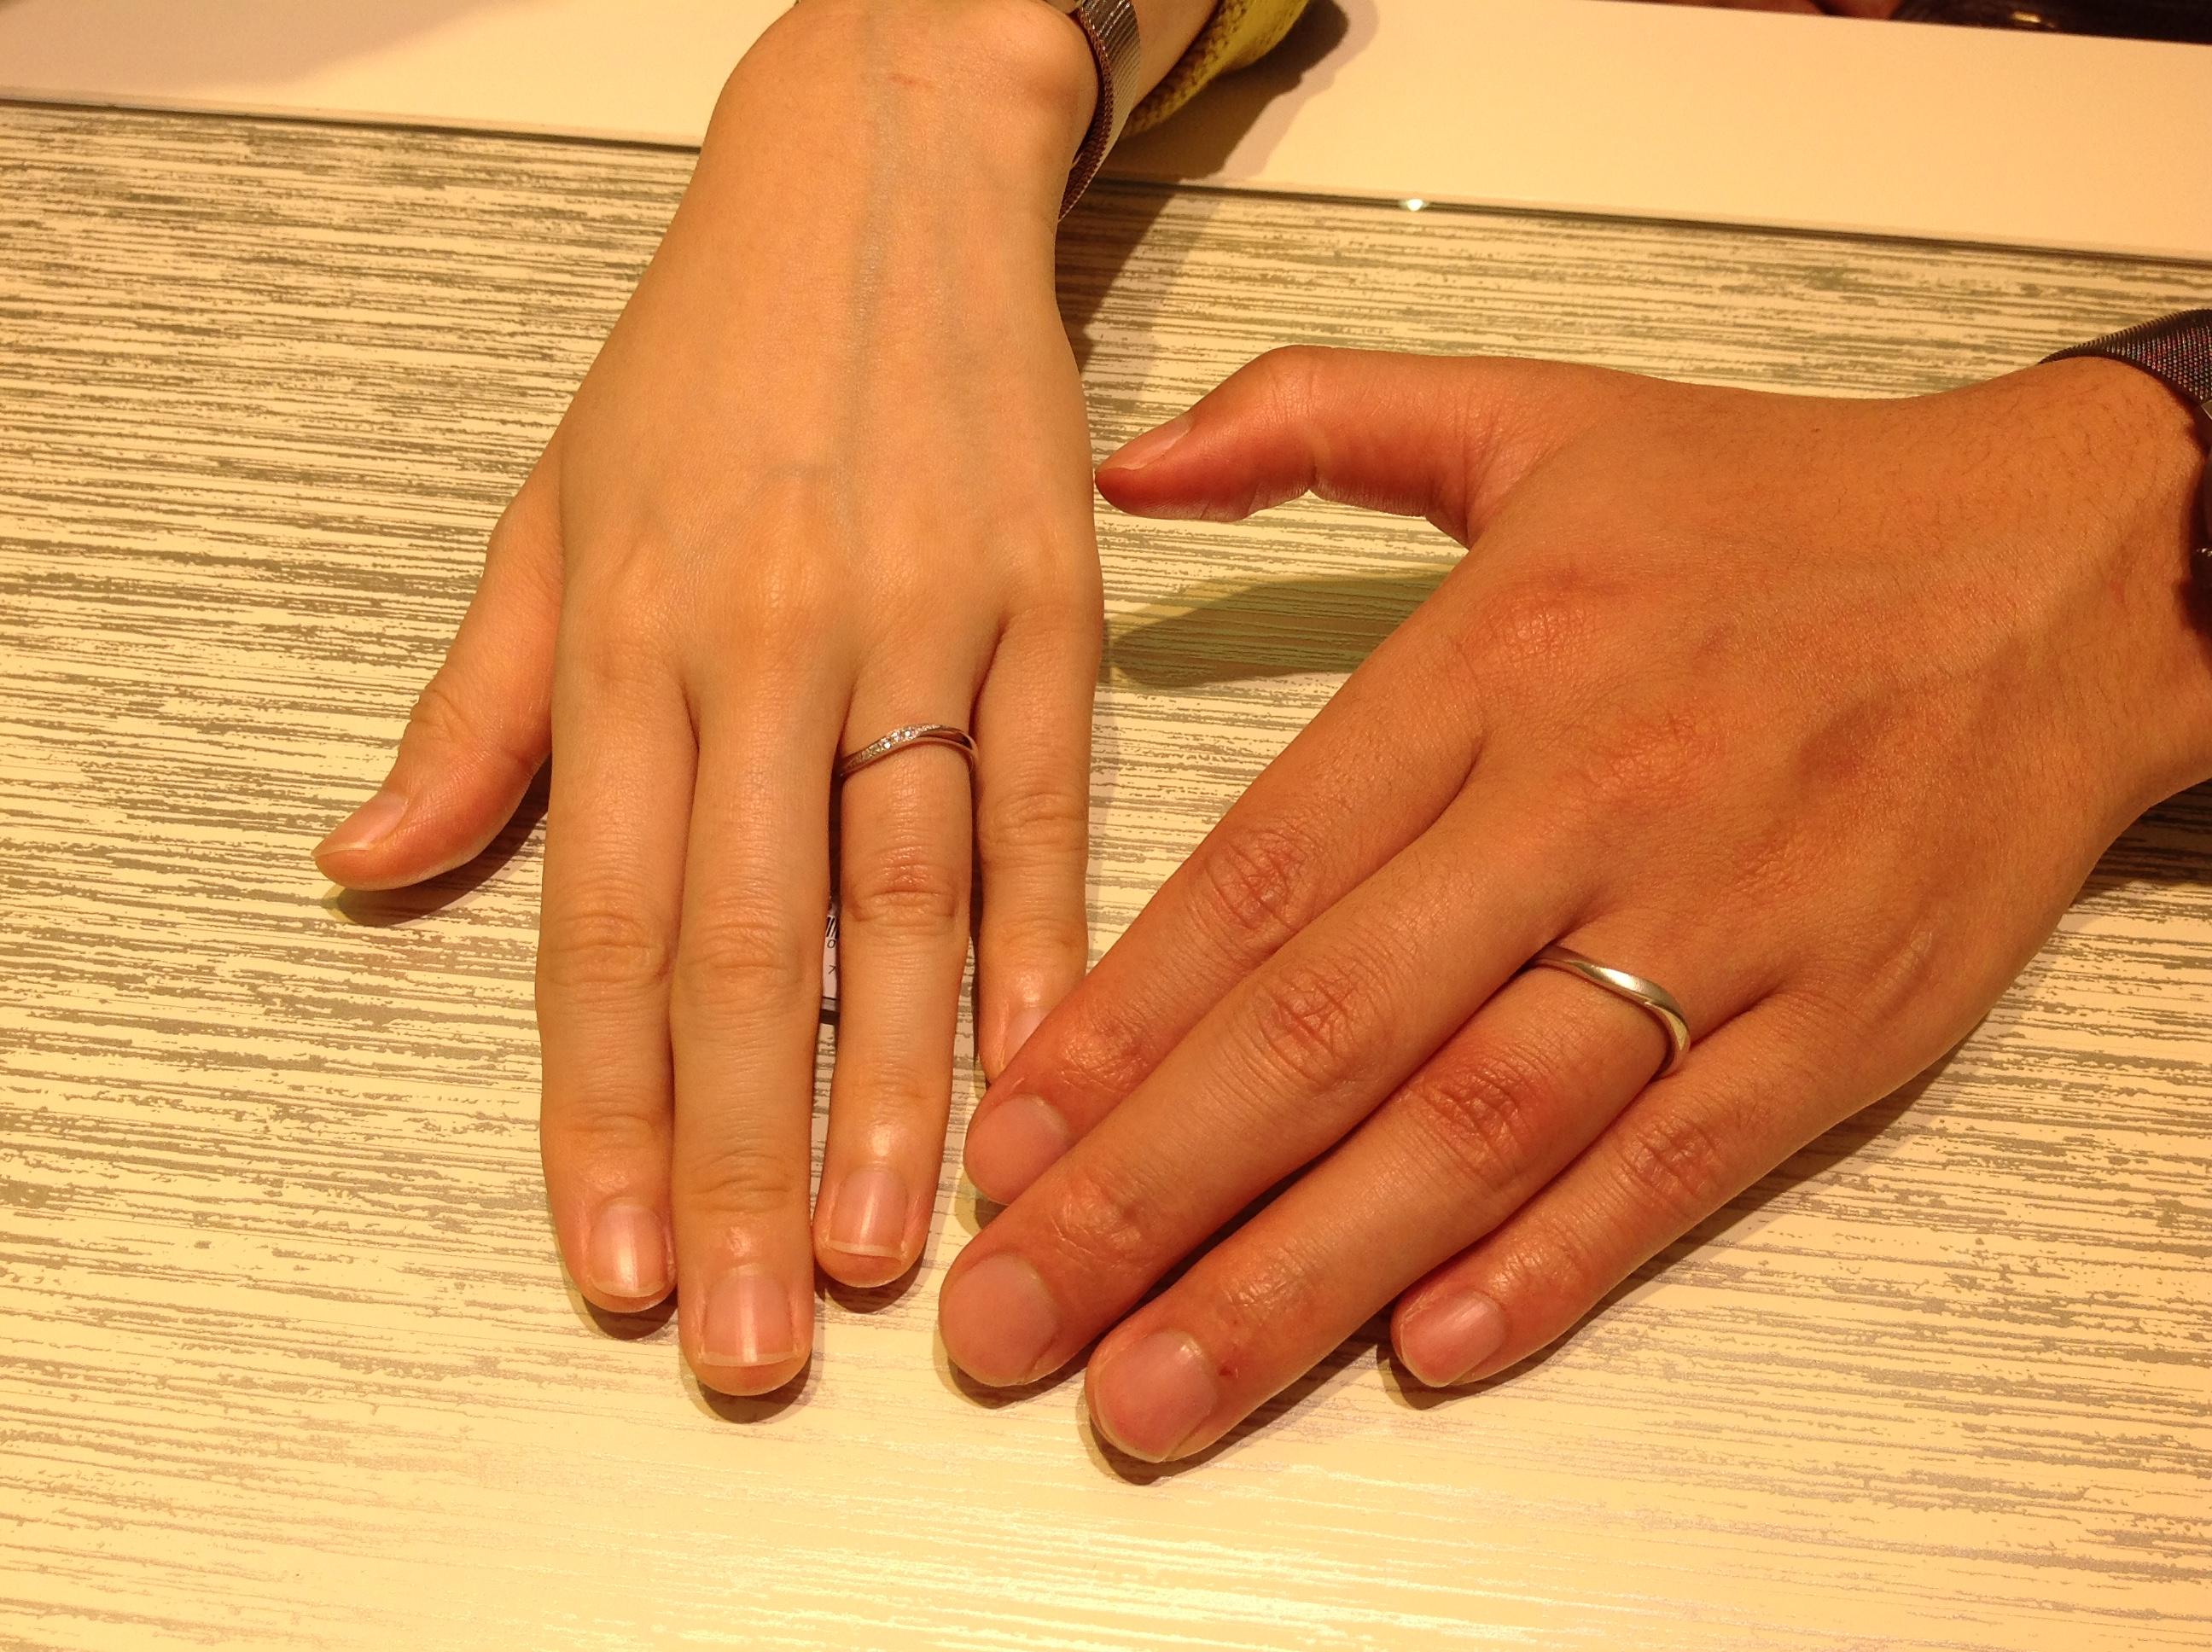 手のラインがキレイに見えました!のイメージ